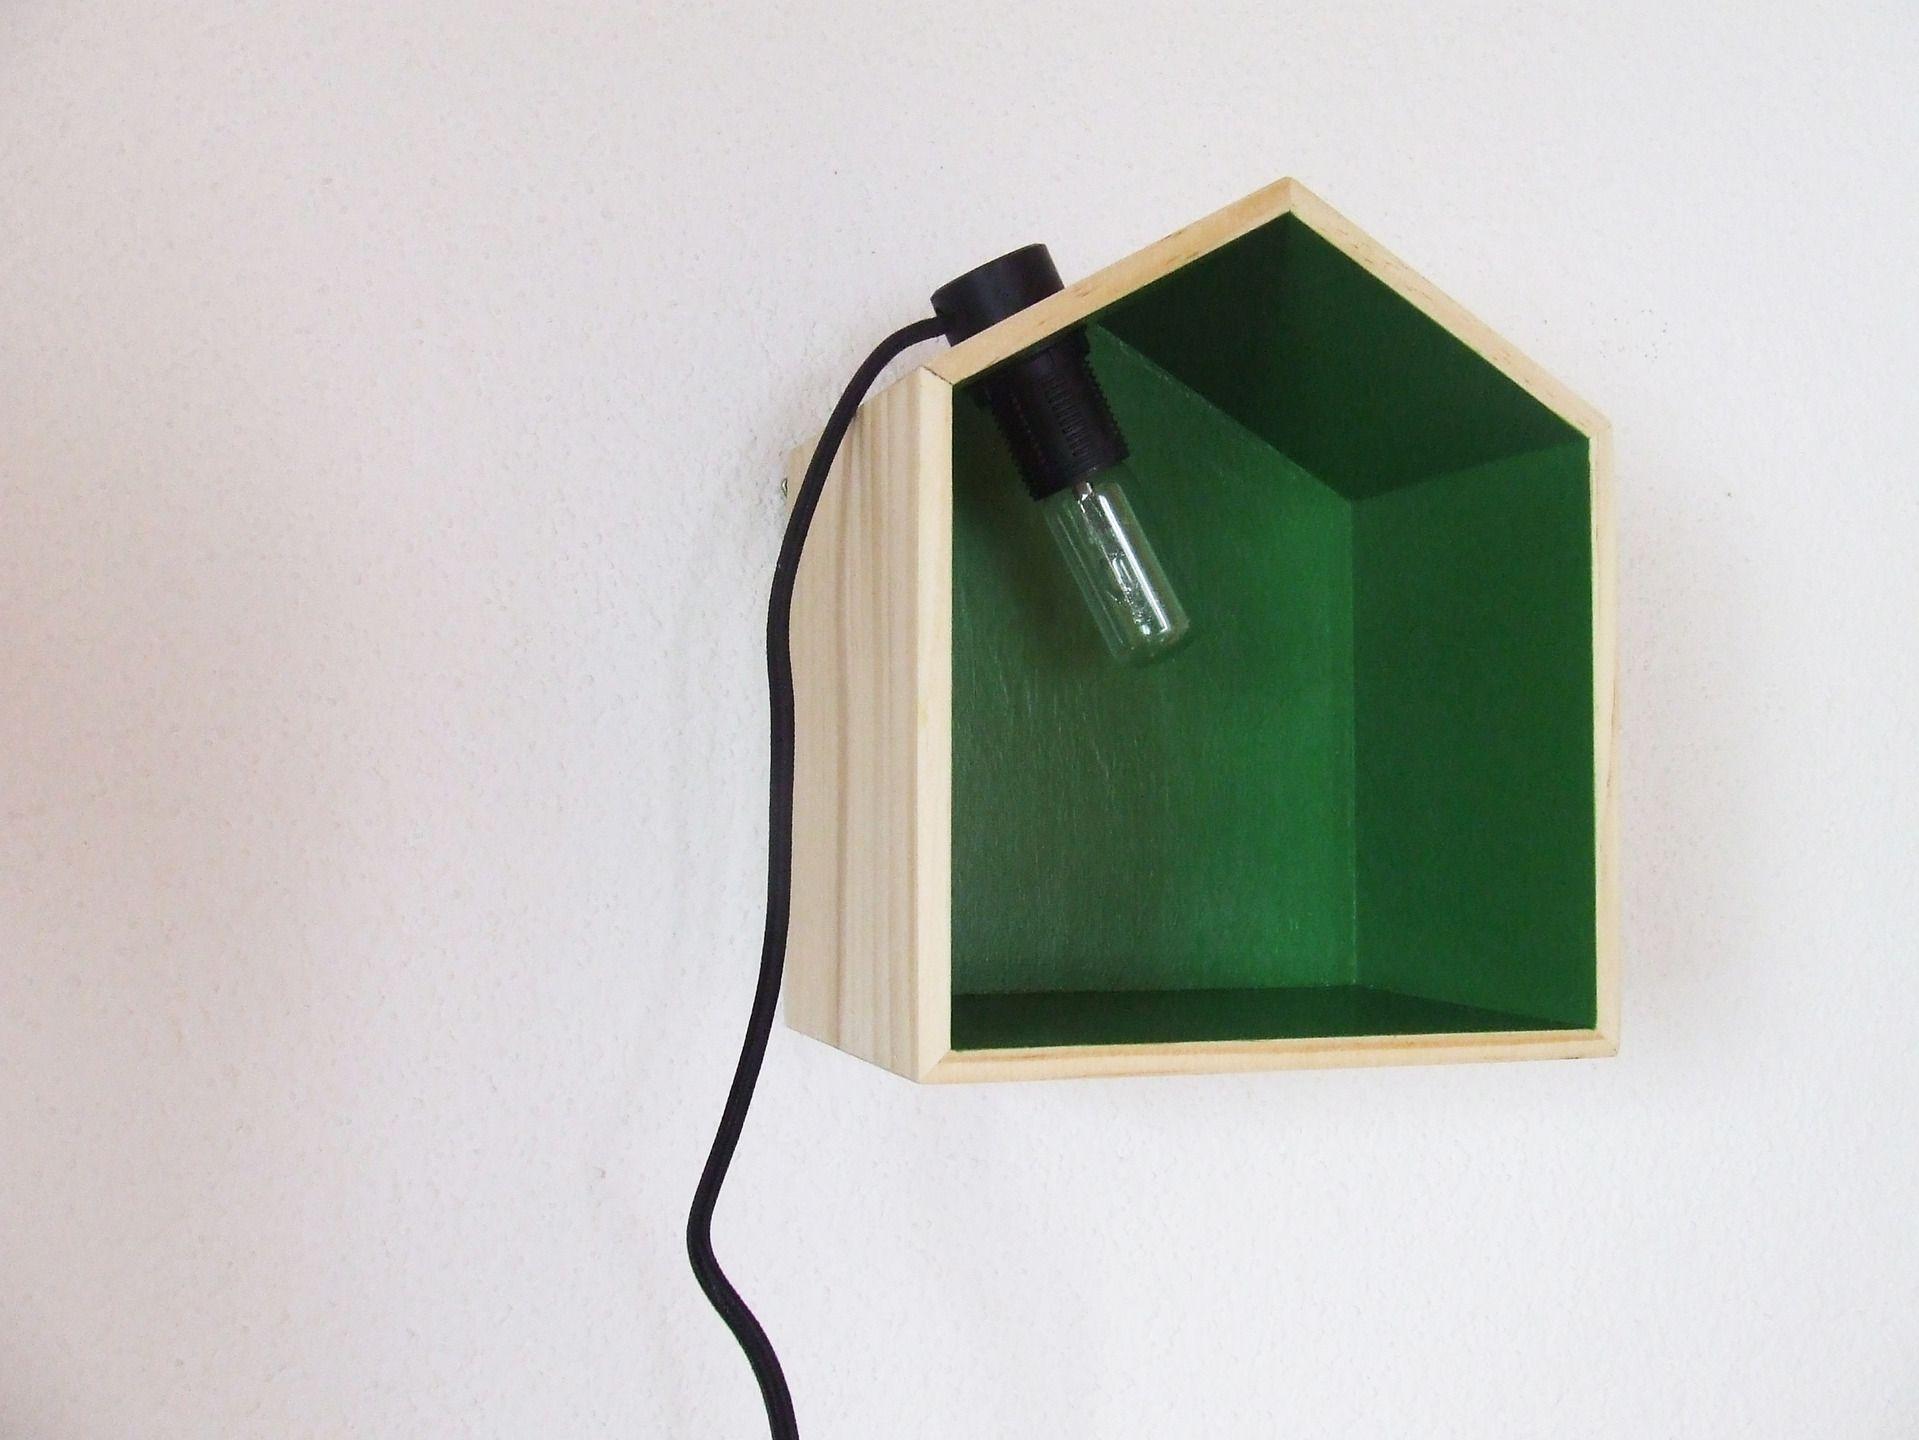 Jolie applique murale en bois forme cabane couleur verte